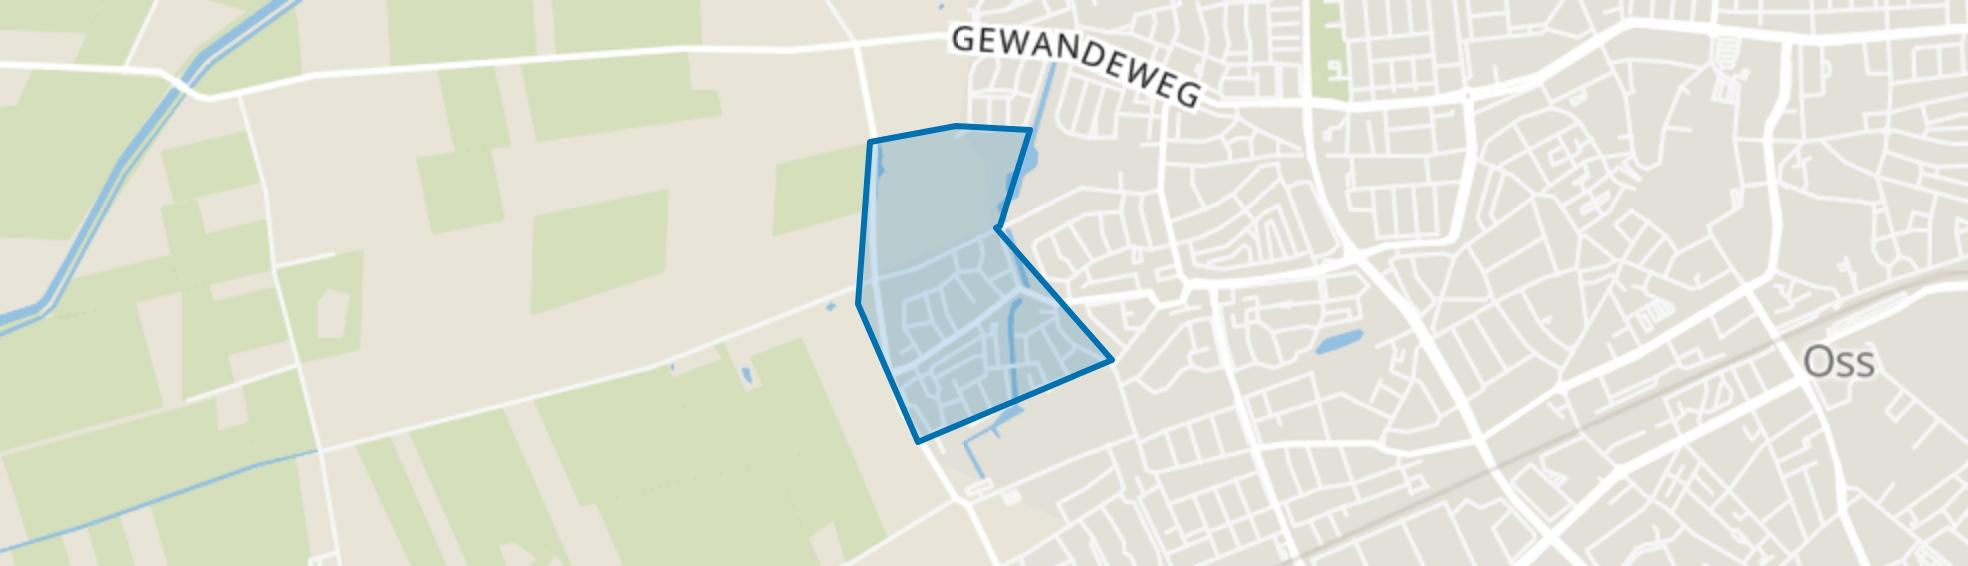 Hazenkamp, Oss map